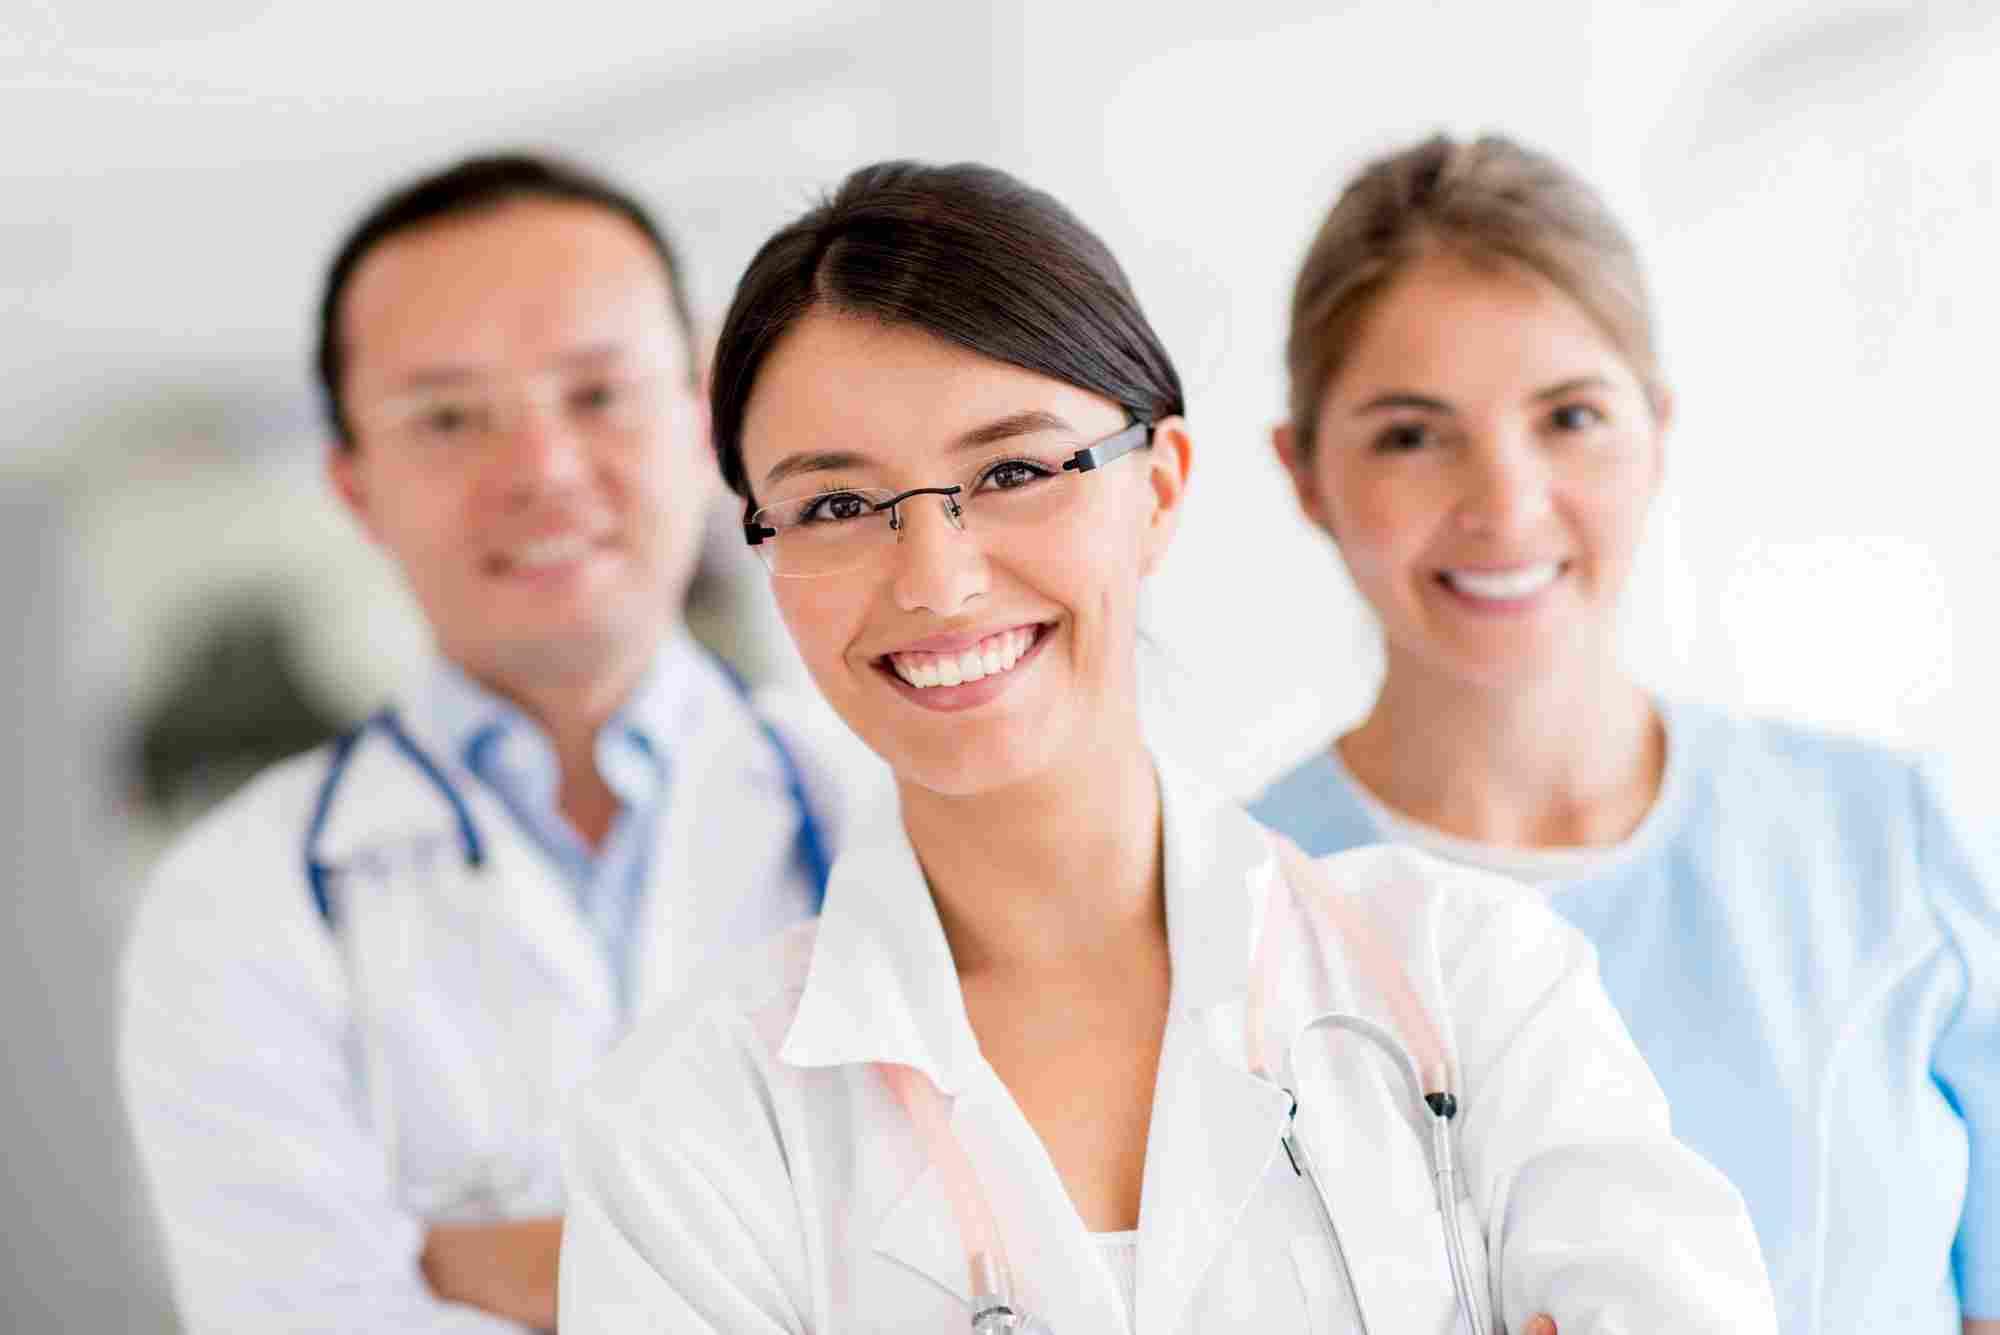 http://kinderarztpraxis-fulda.de/wp-content/uploads/2015/12/doctors.jpg